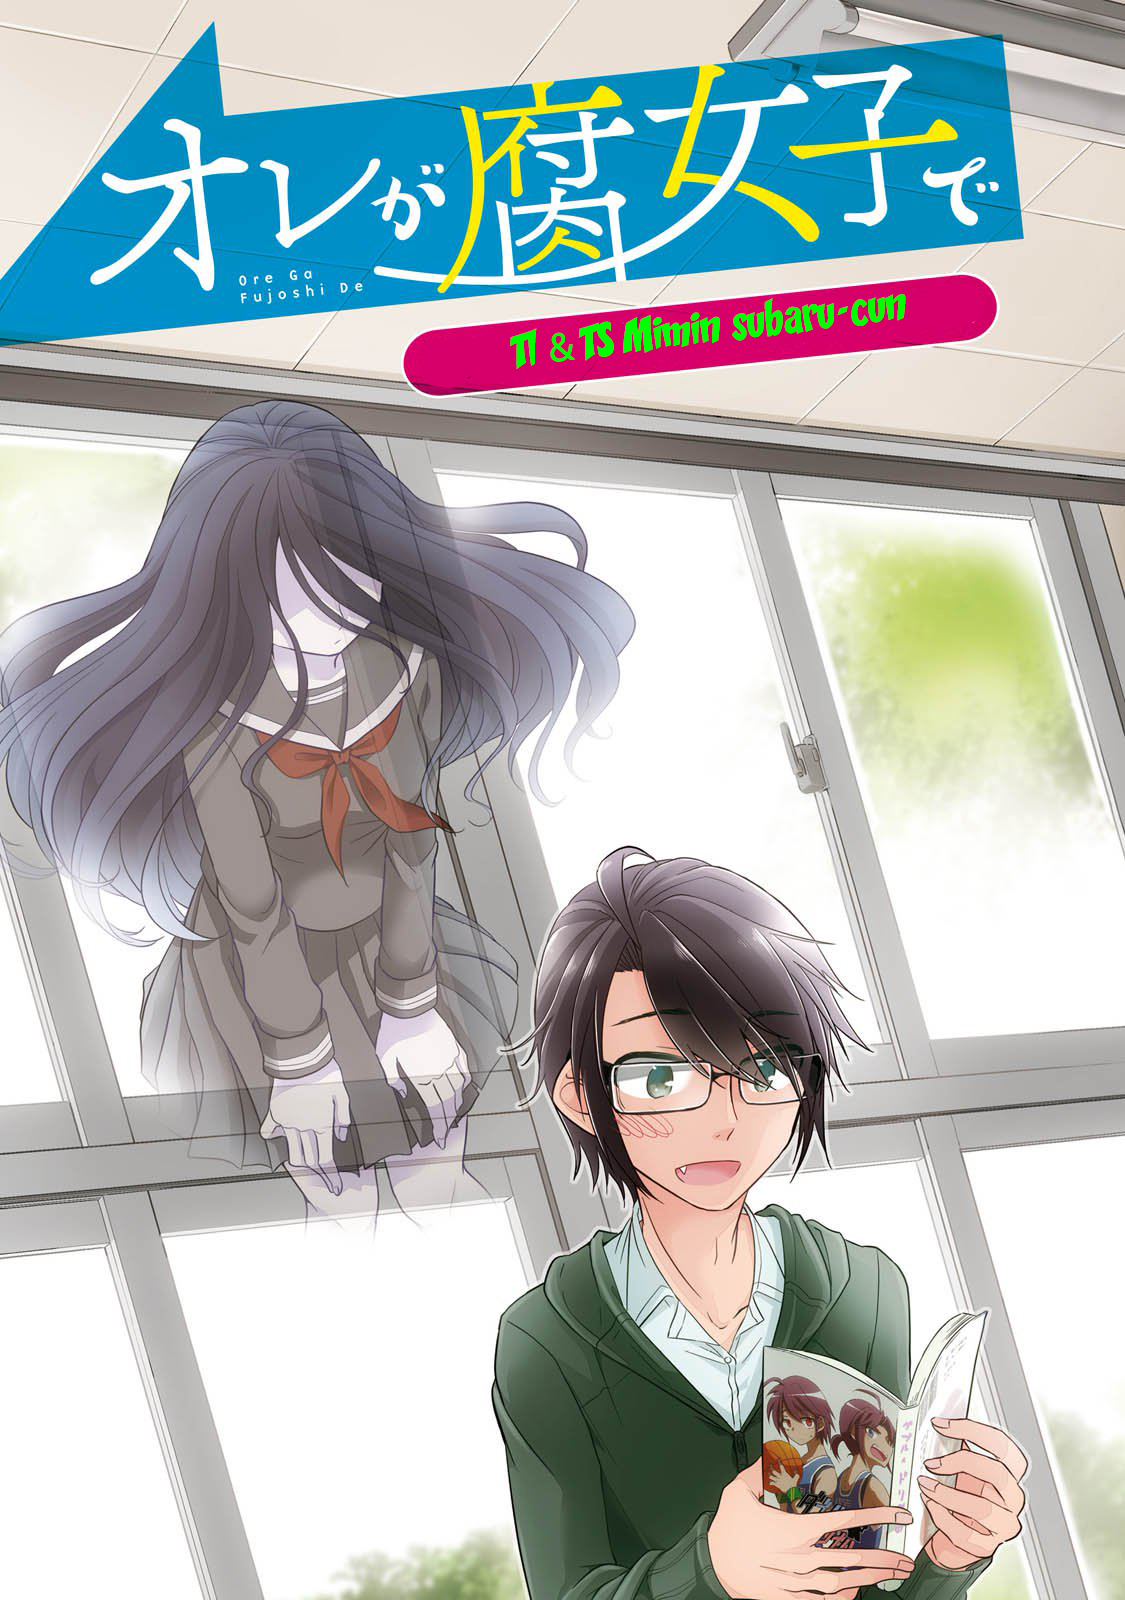 Ore ga Fujoshi de Aitsu ga Yuri-ota de Chapter 10.5